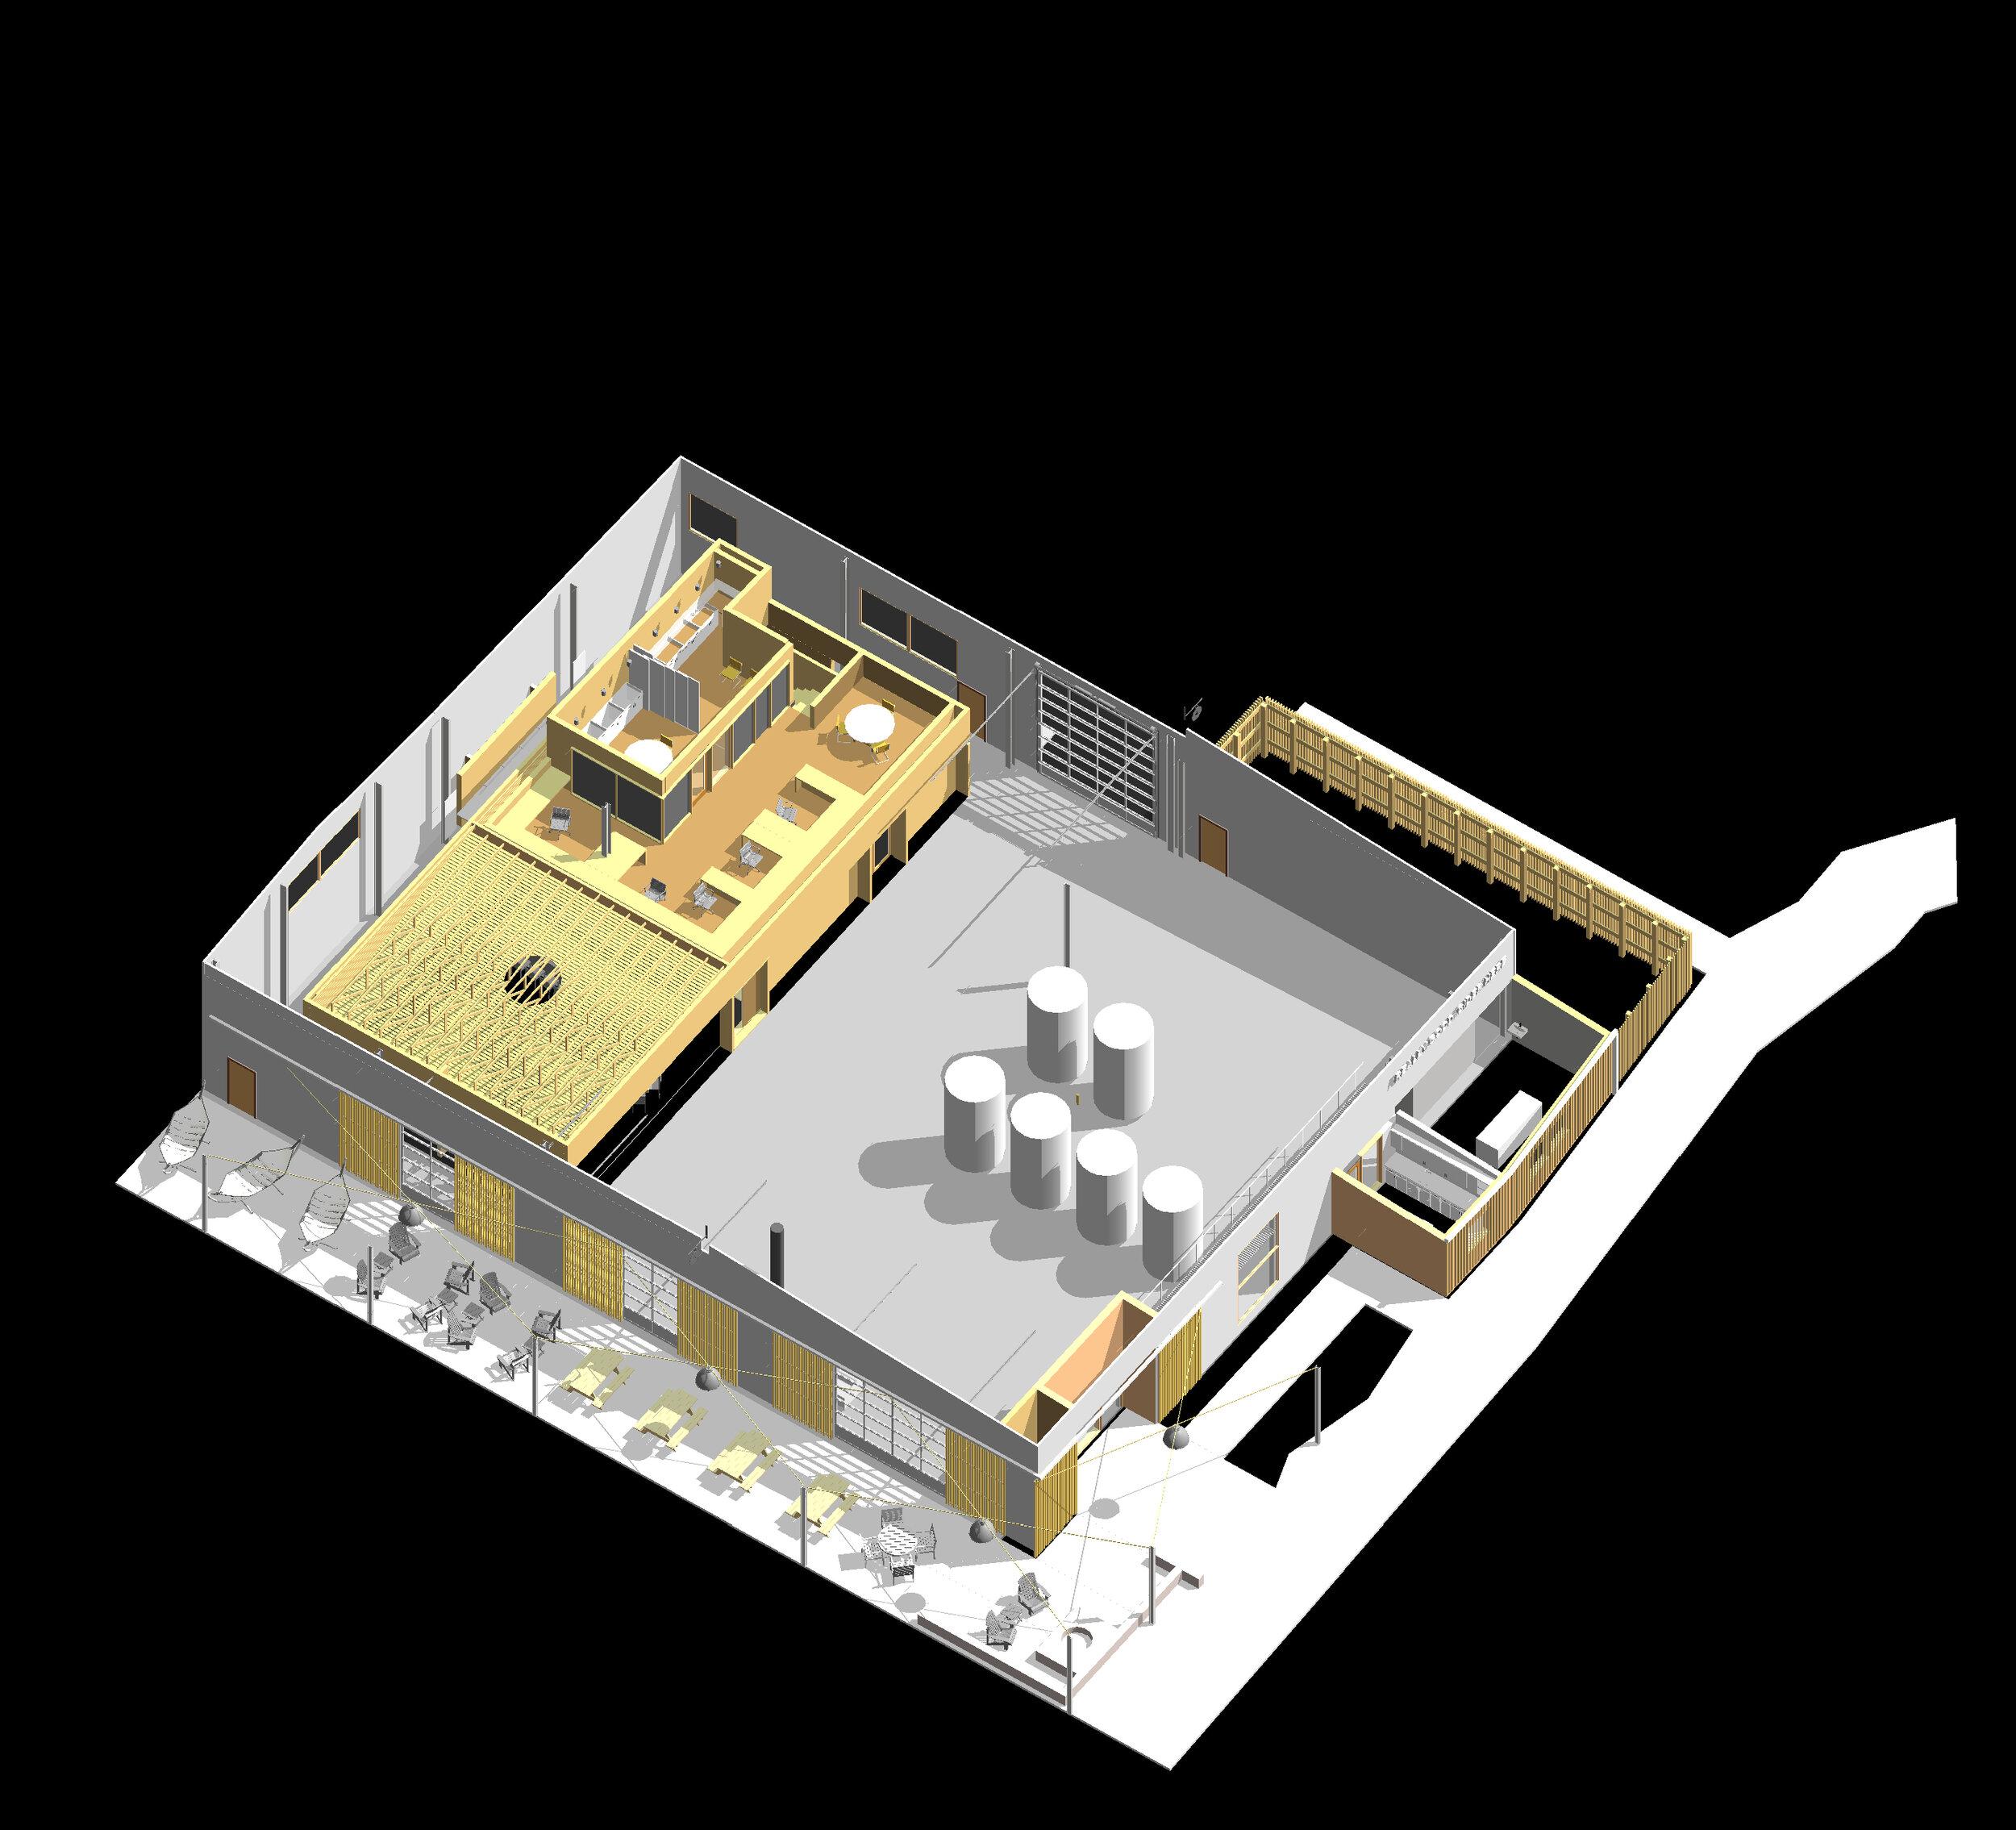 1635 Diskin Cider_ 3D Image Diagram Black Background.jpg